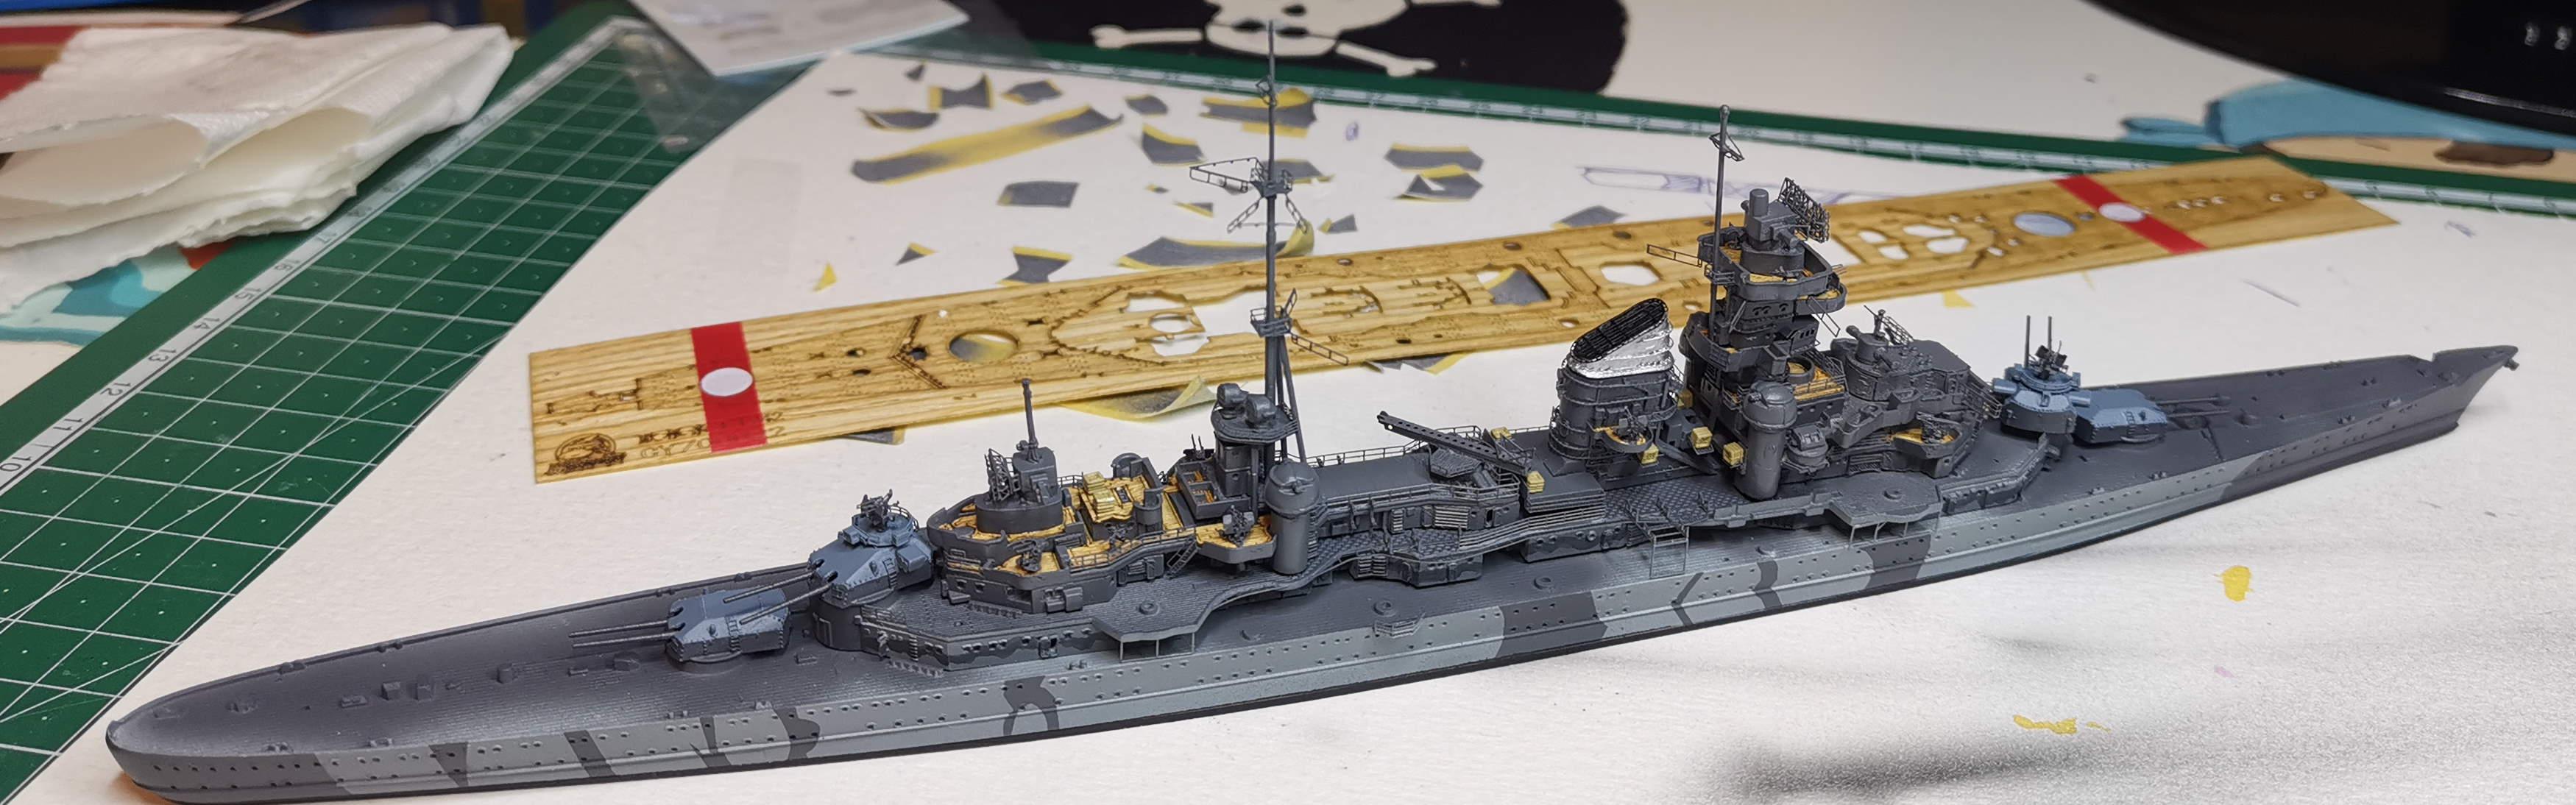 [TERMINE] Croiseur Prinz Eugen Trumpeter 1/700e, PE Flyhawk, pont en bois - Page 6 20200614